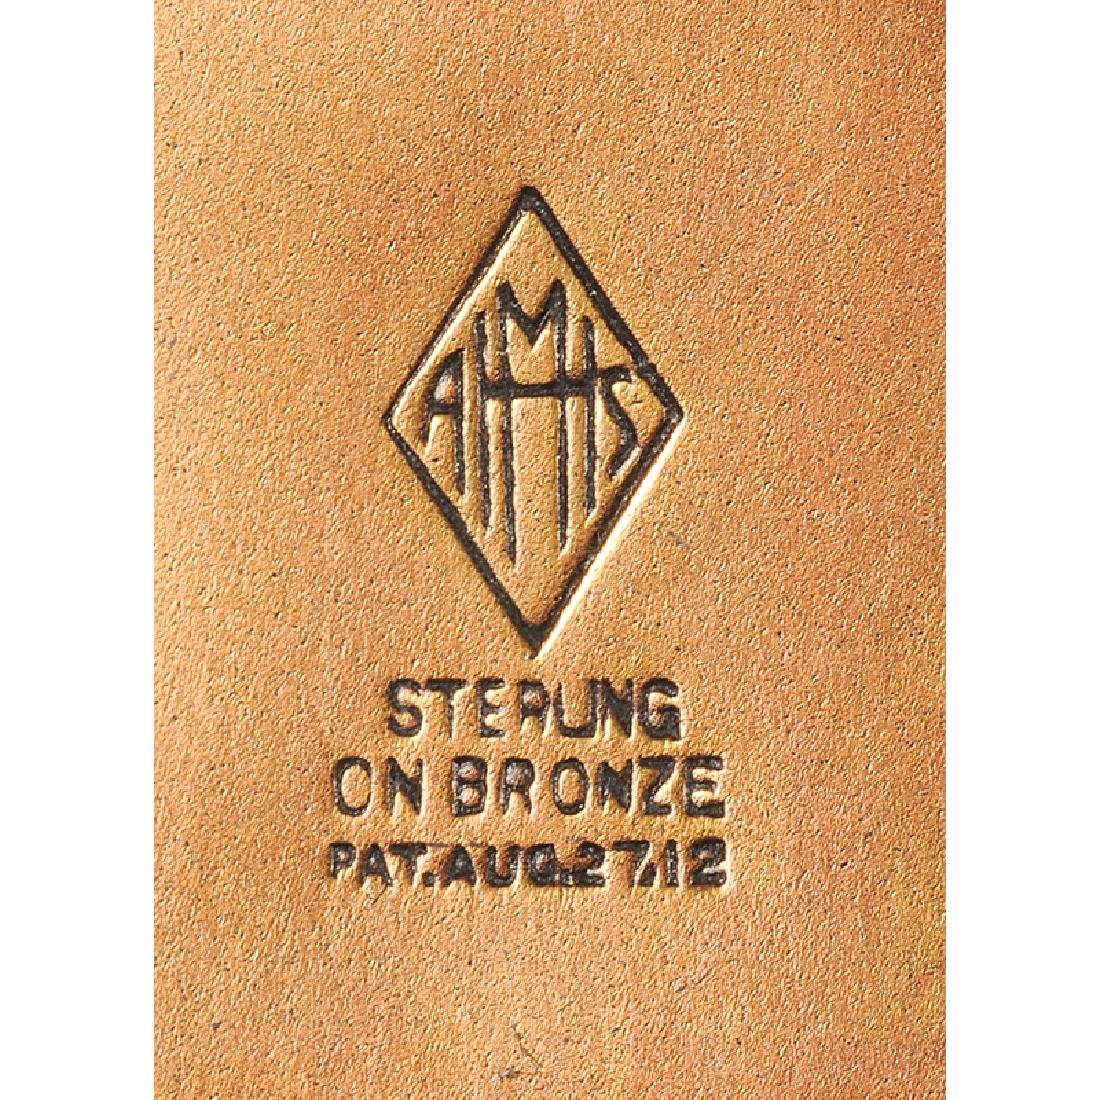 Heintz Sterling on Bronze Desk Accessories - 4